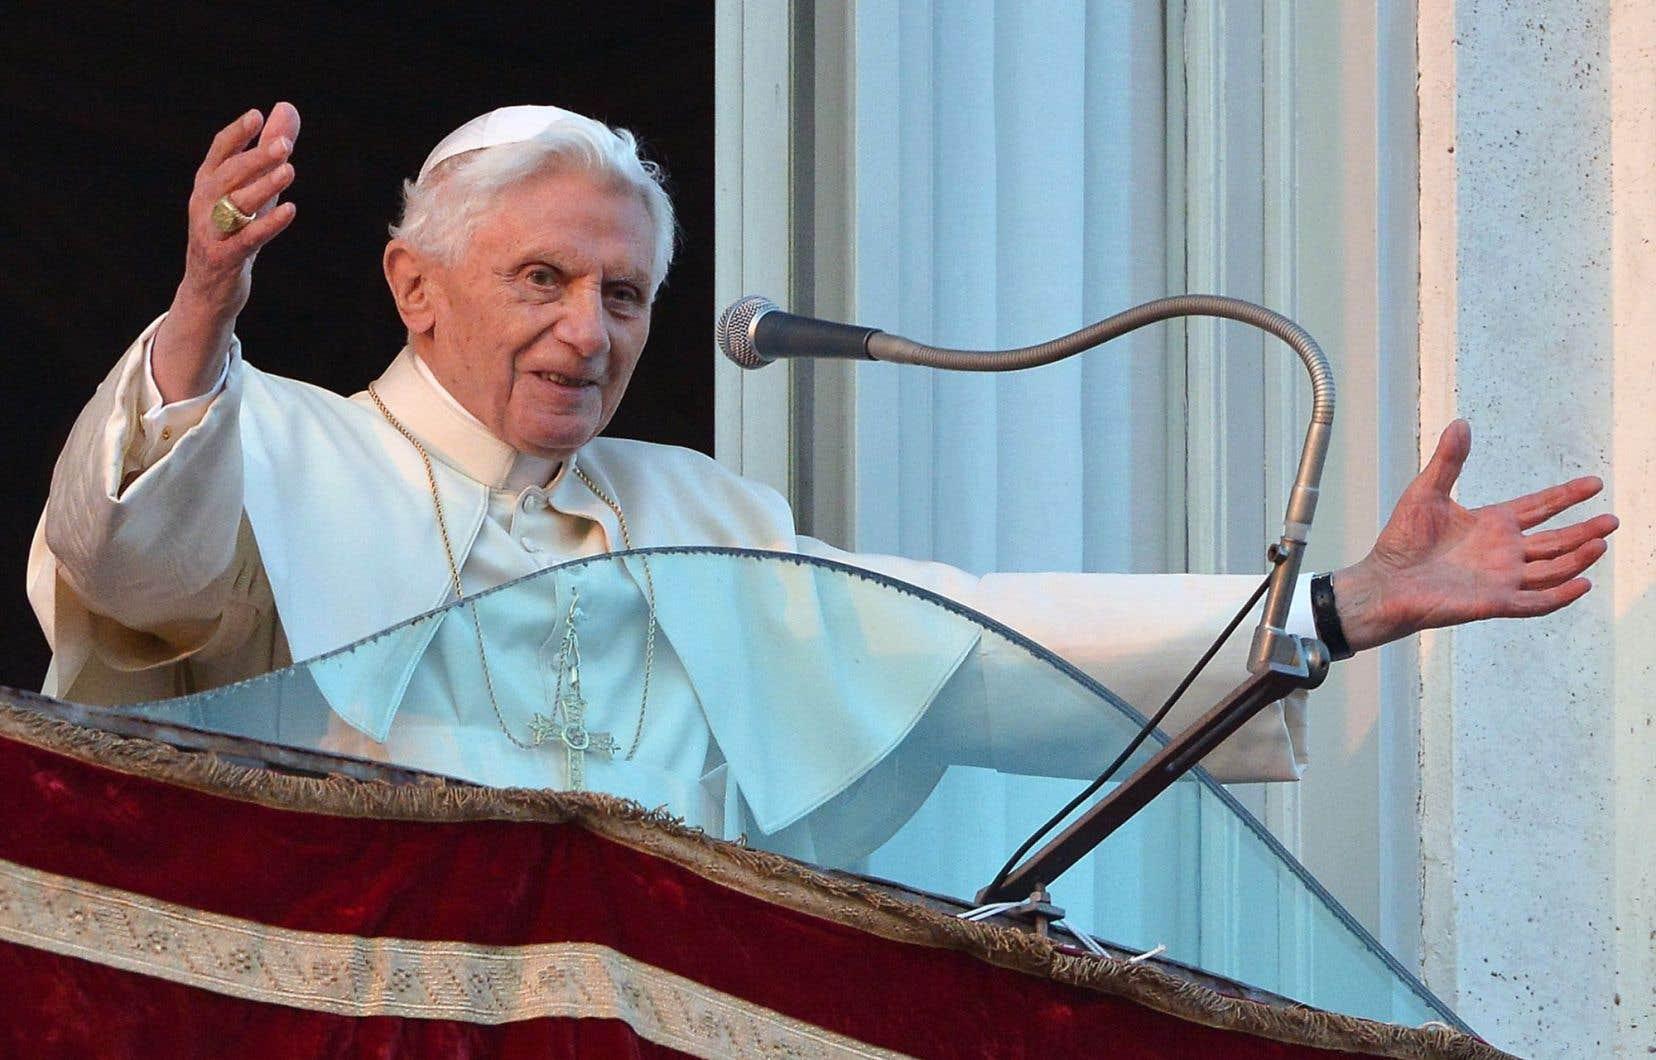 Sa renonciation au rôle de pape a été faite en toute liberté, raconte Joseph Ratzinger.